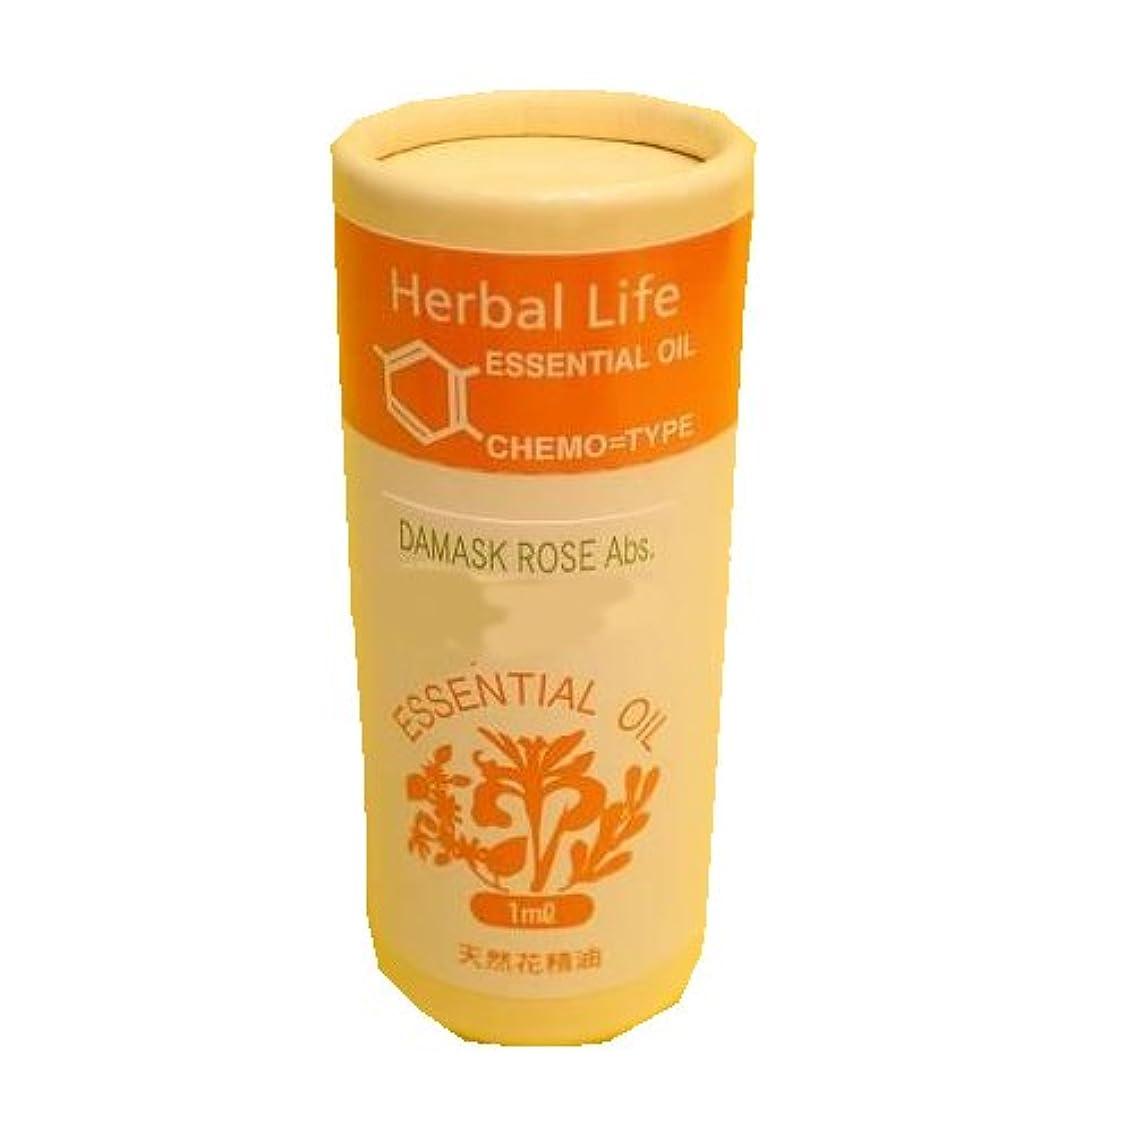 承認に付ける砂生活の木 Herbal Life 花精油 ダマスクローズAbs. ブルガリア産 1ml